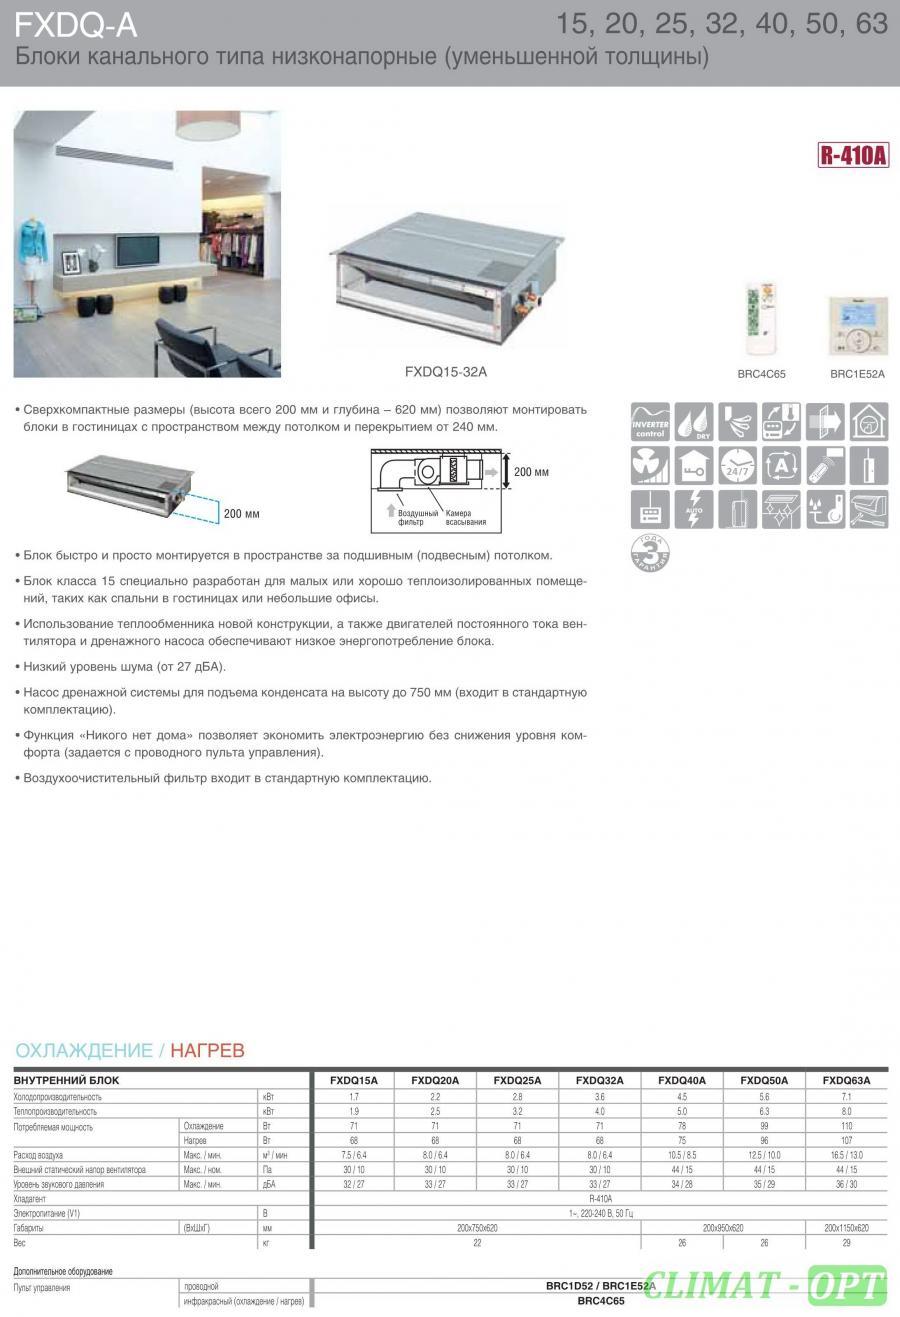 Низконапорный блок канального типа Daikin FXDQ - A